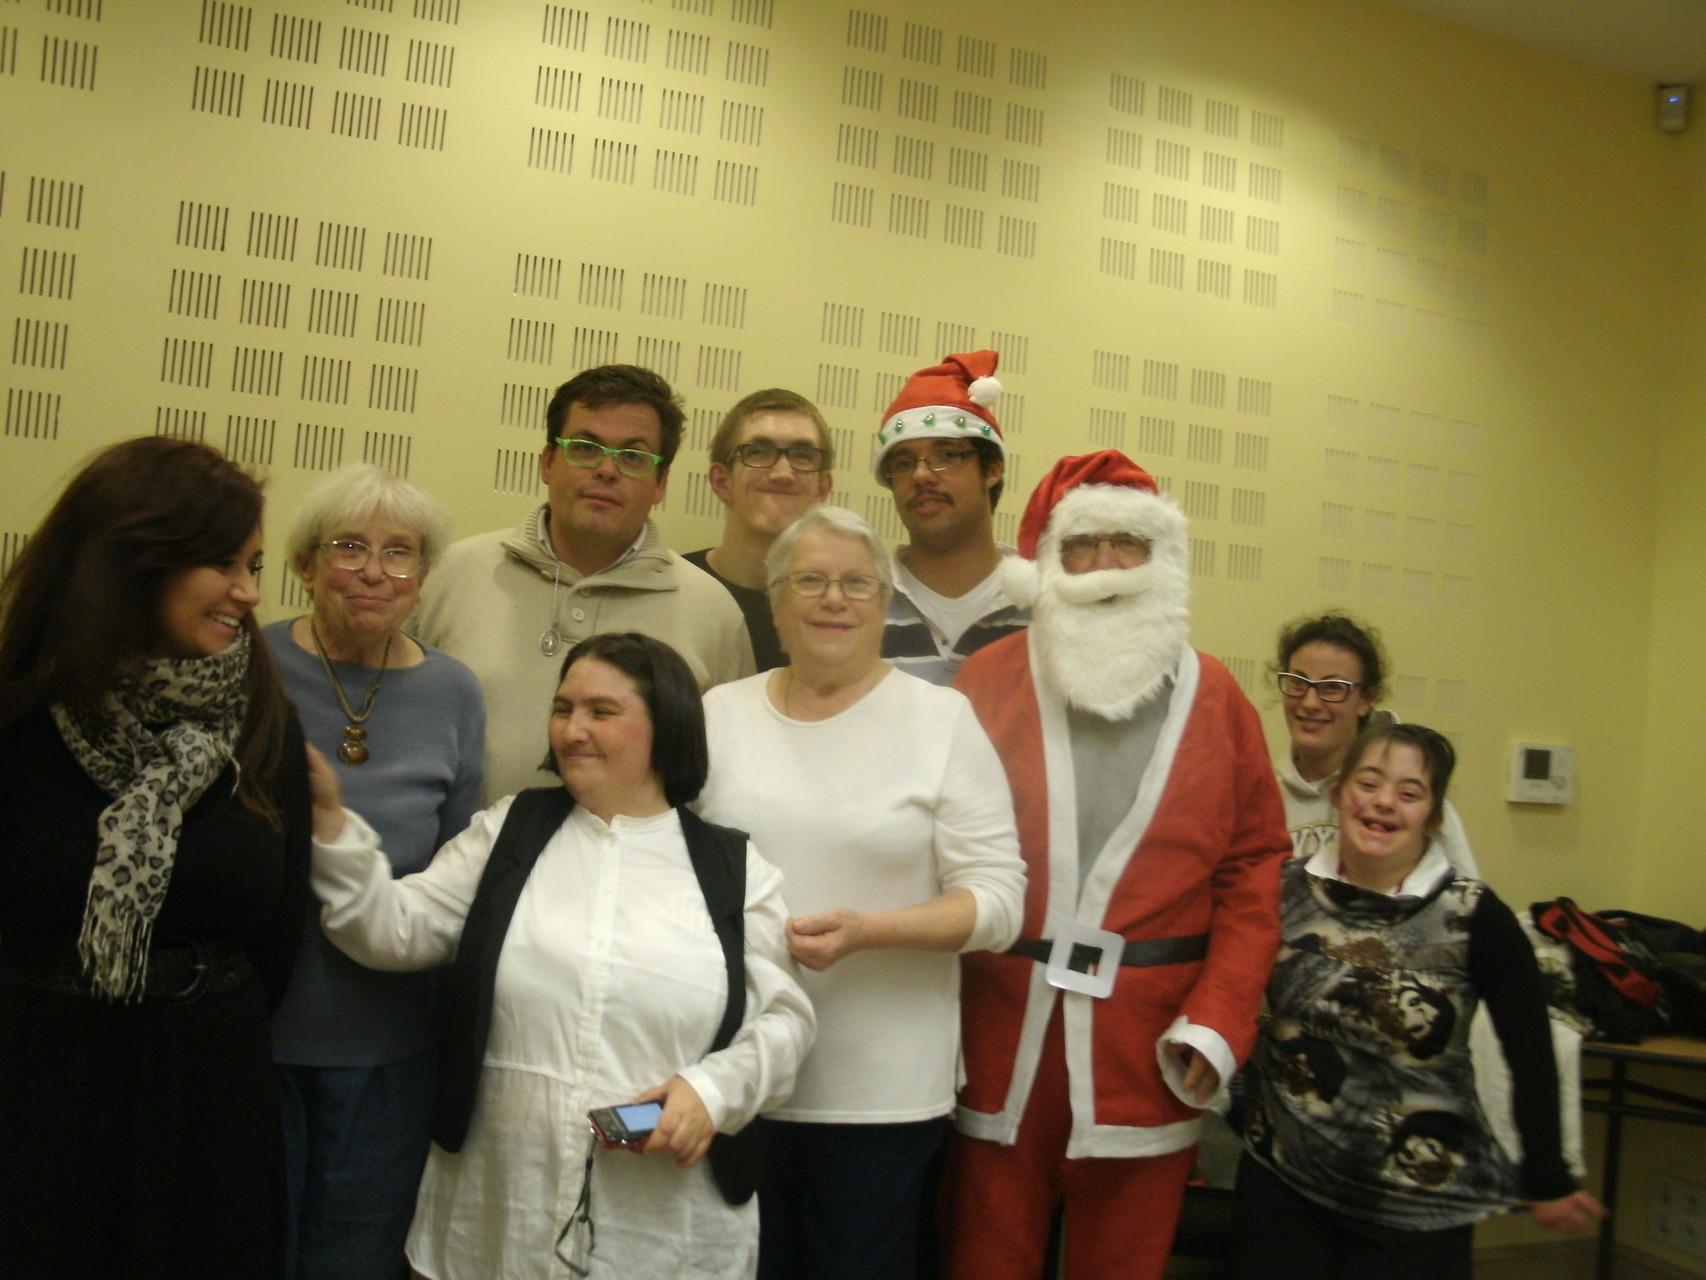 Les plus jeunes se rajoutent pour la photo avec le Père Noel.